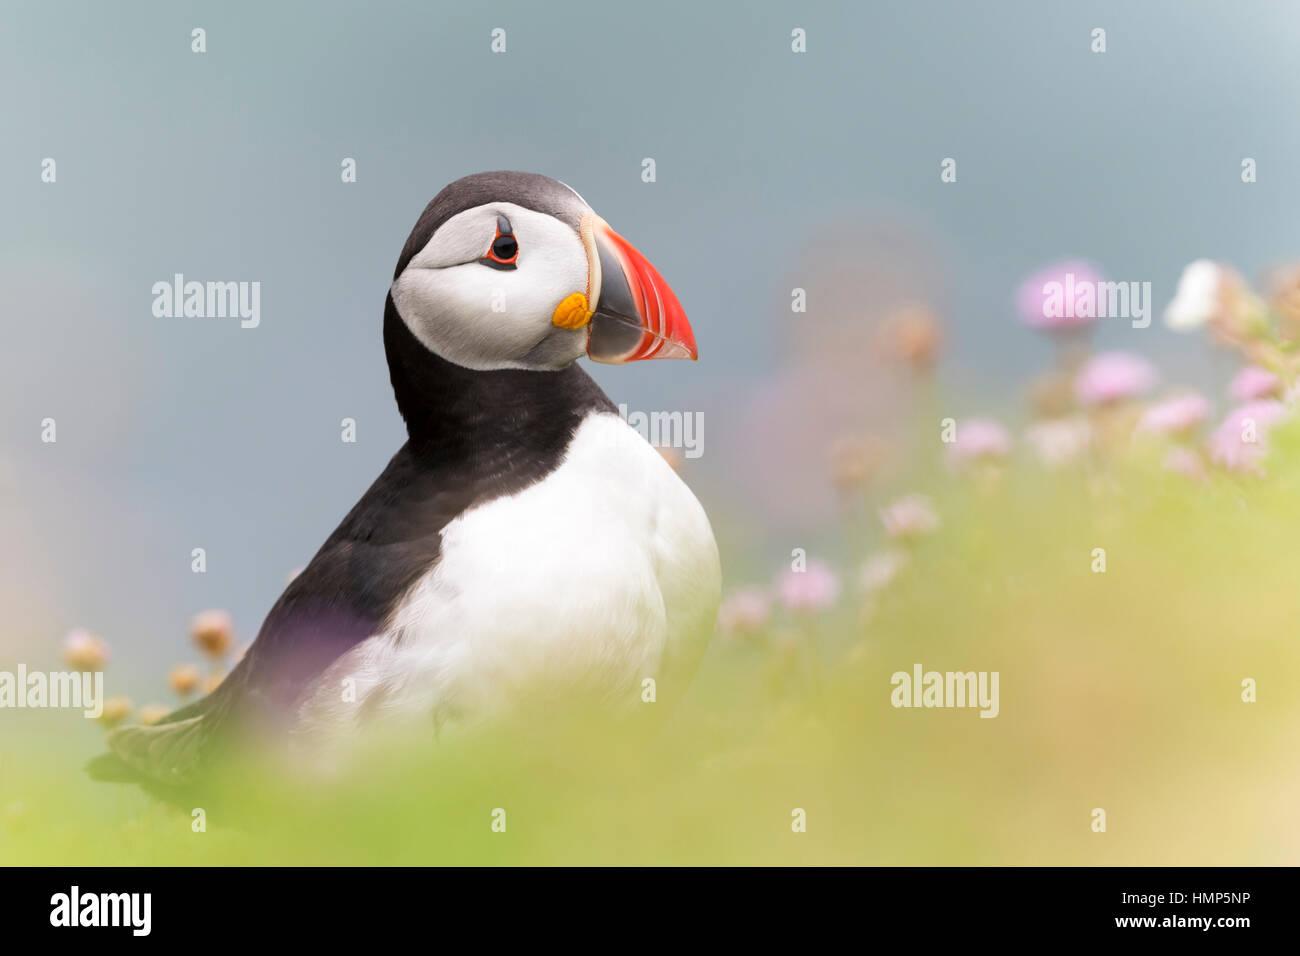 Papageitaucher (Fratercula Arctica) Erwachsenen, stehend unter blühenden Meer Sparsamkeit, geringe Schärfentiefe Stockbild